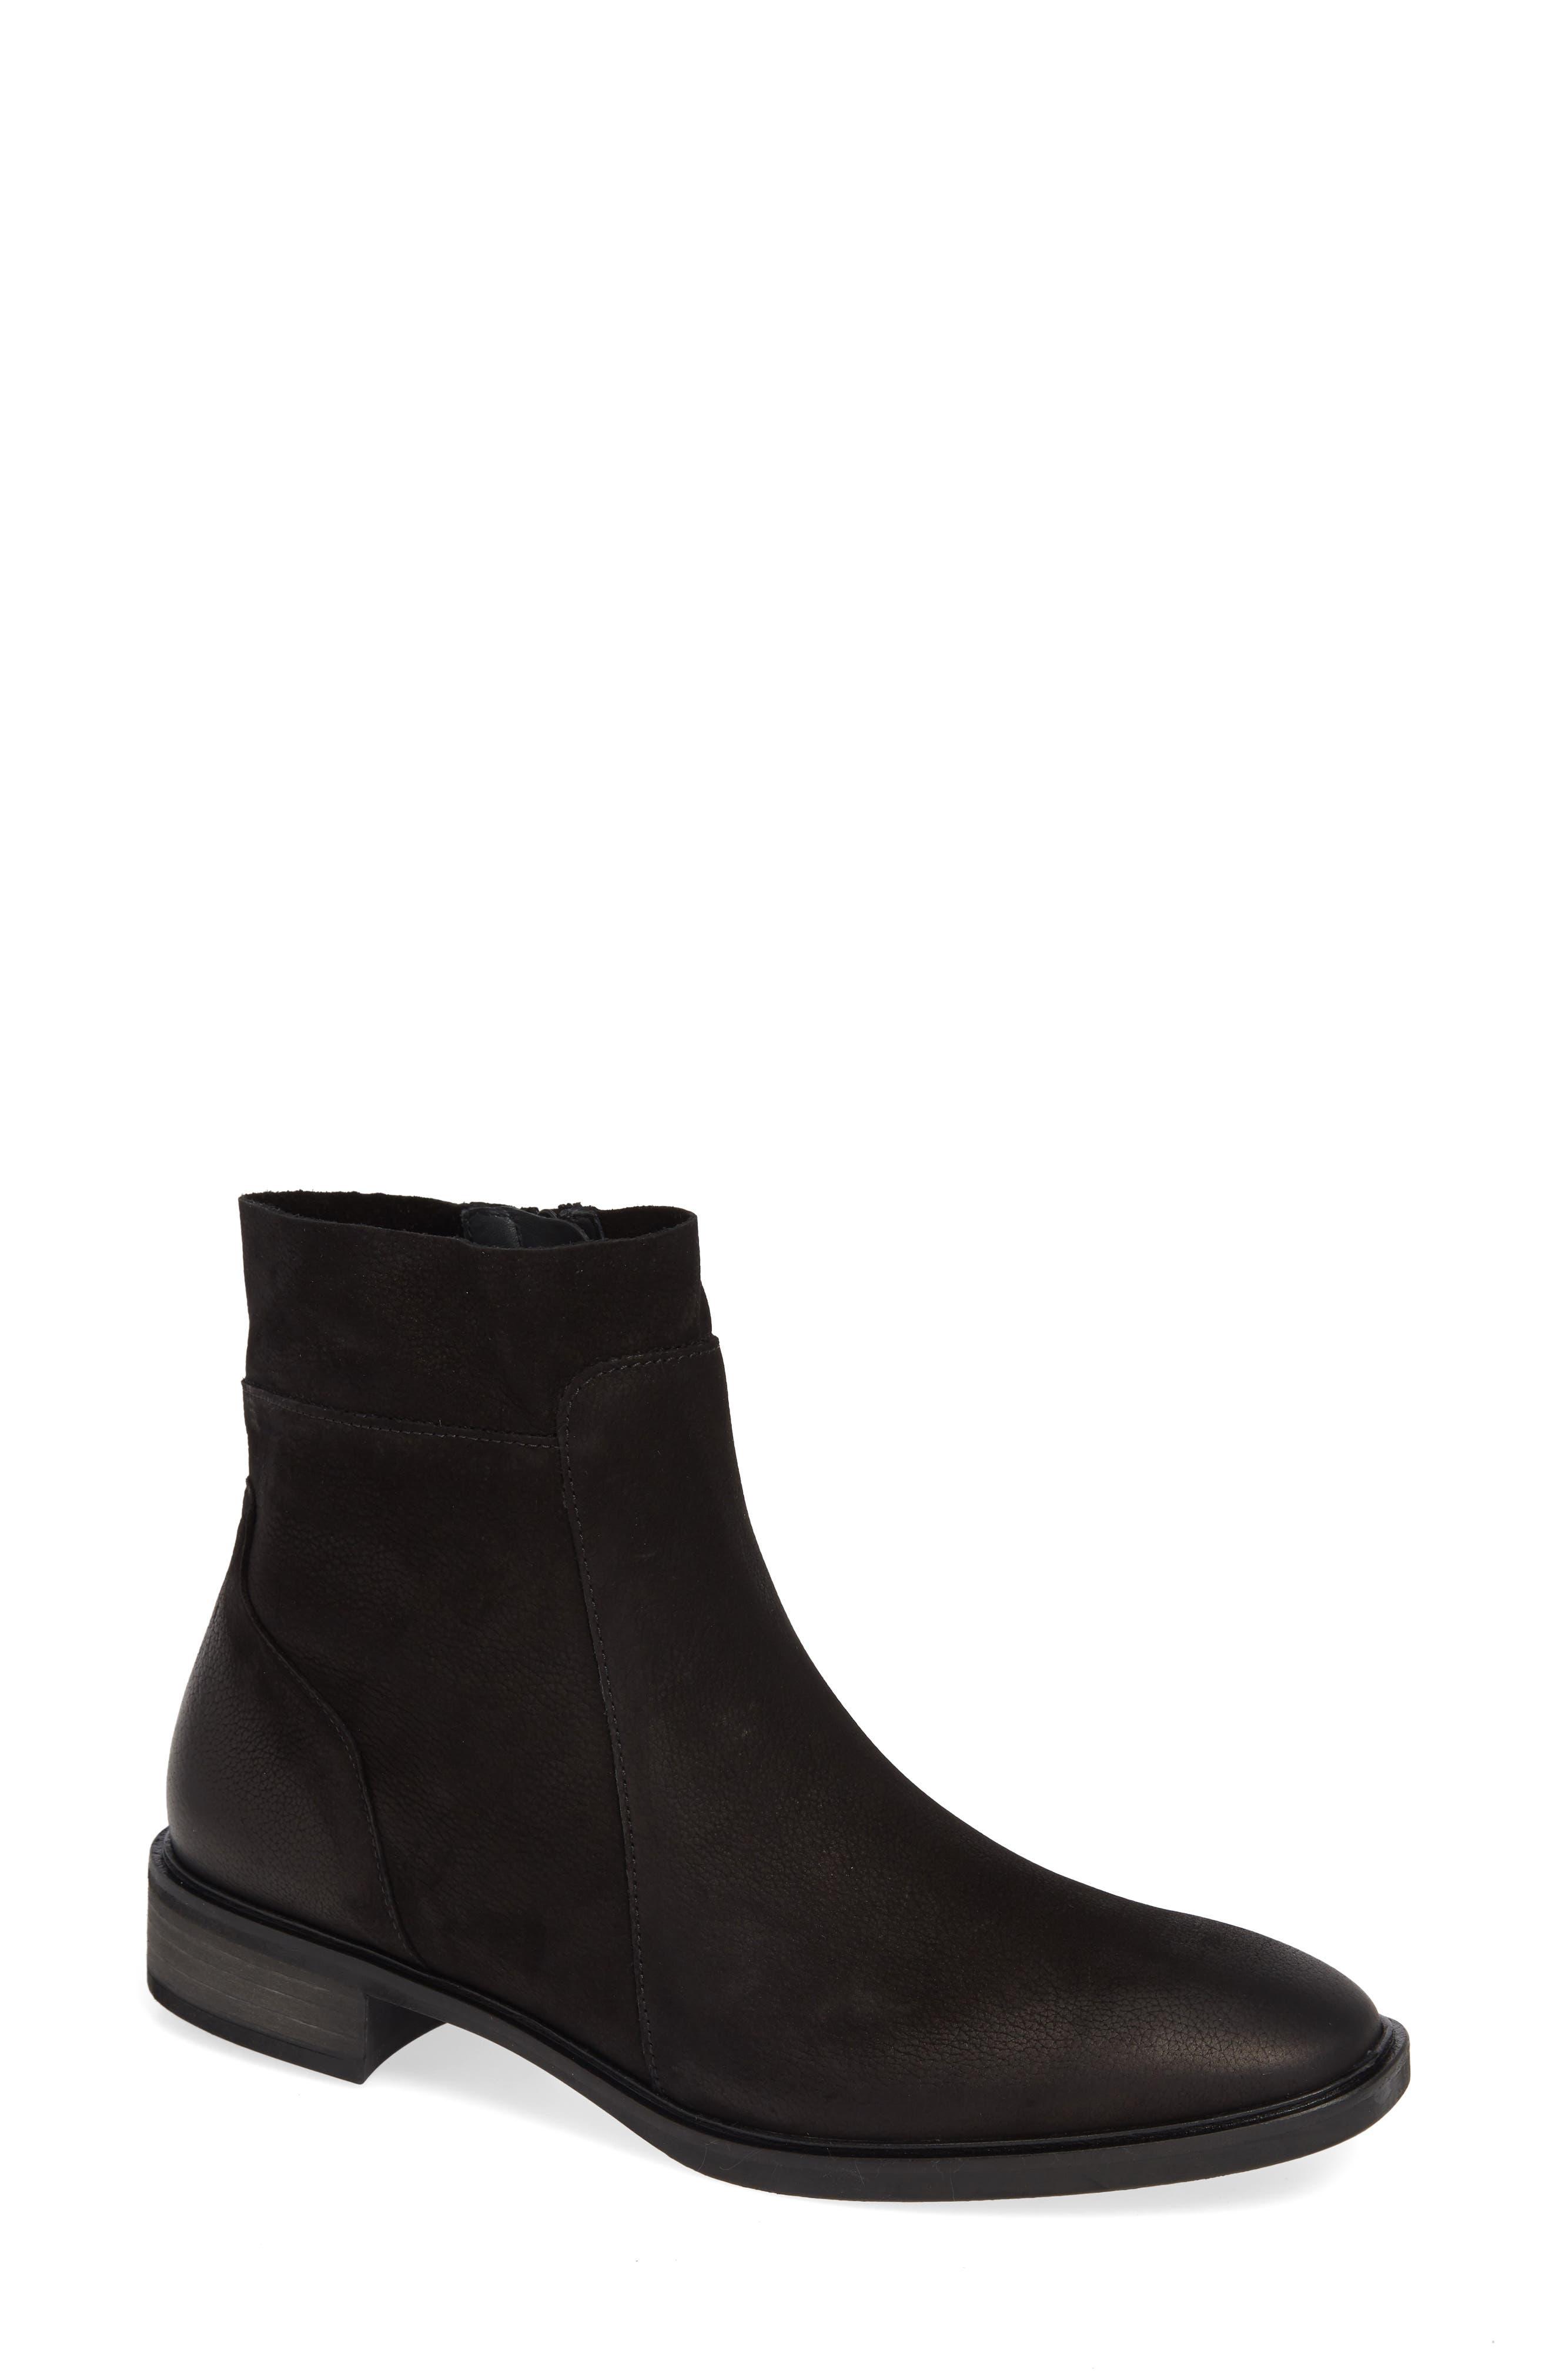 Tamara Boot,                         Main,                         color, BLACK SPORTNUBUK